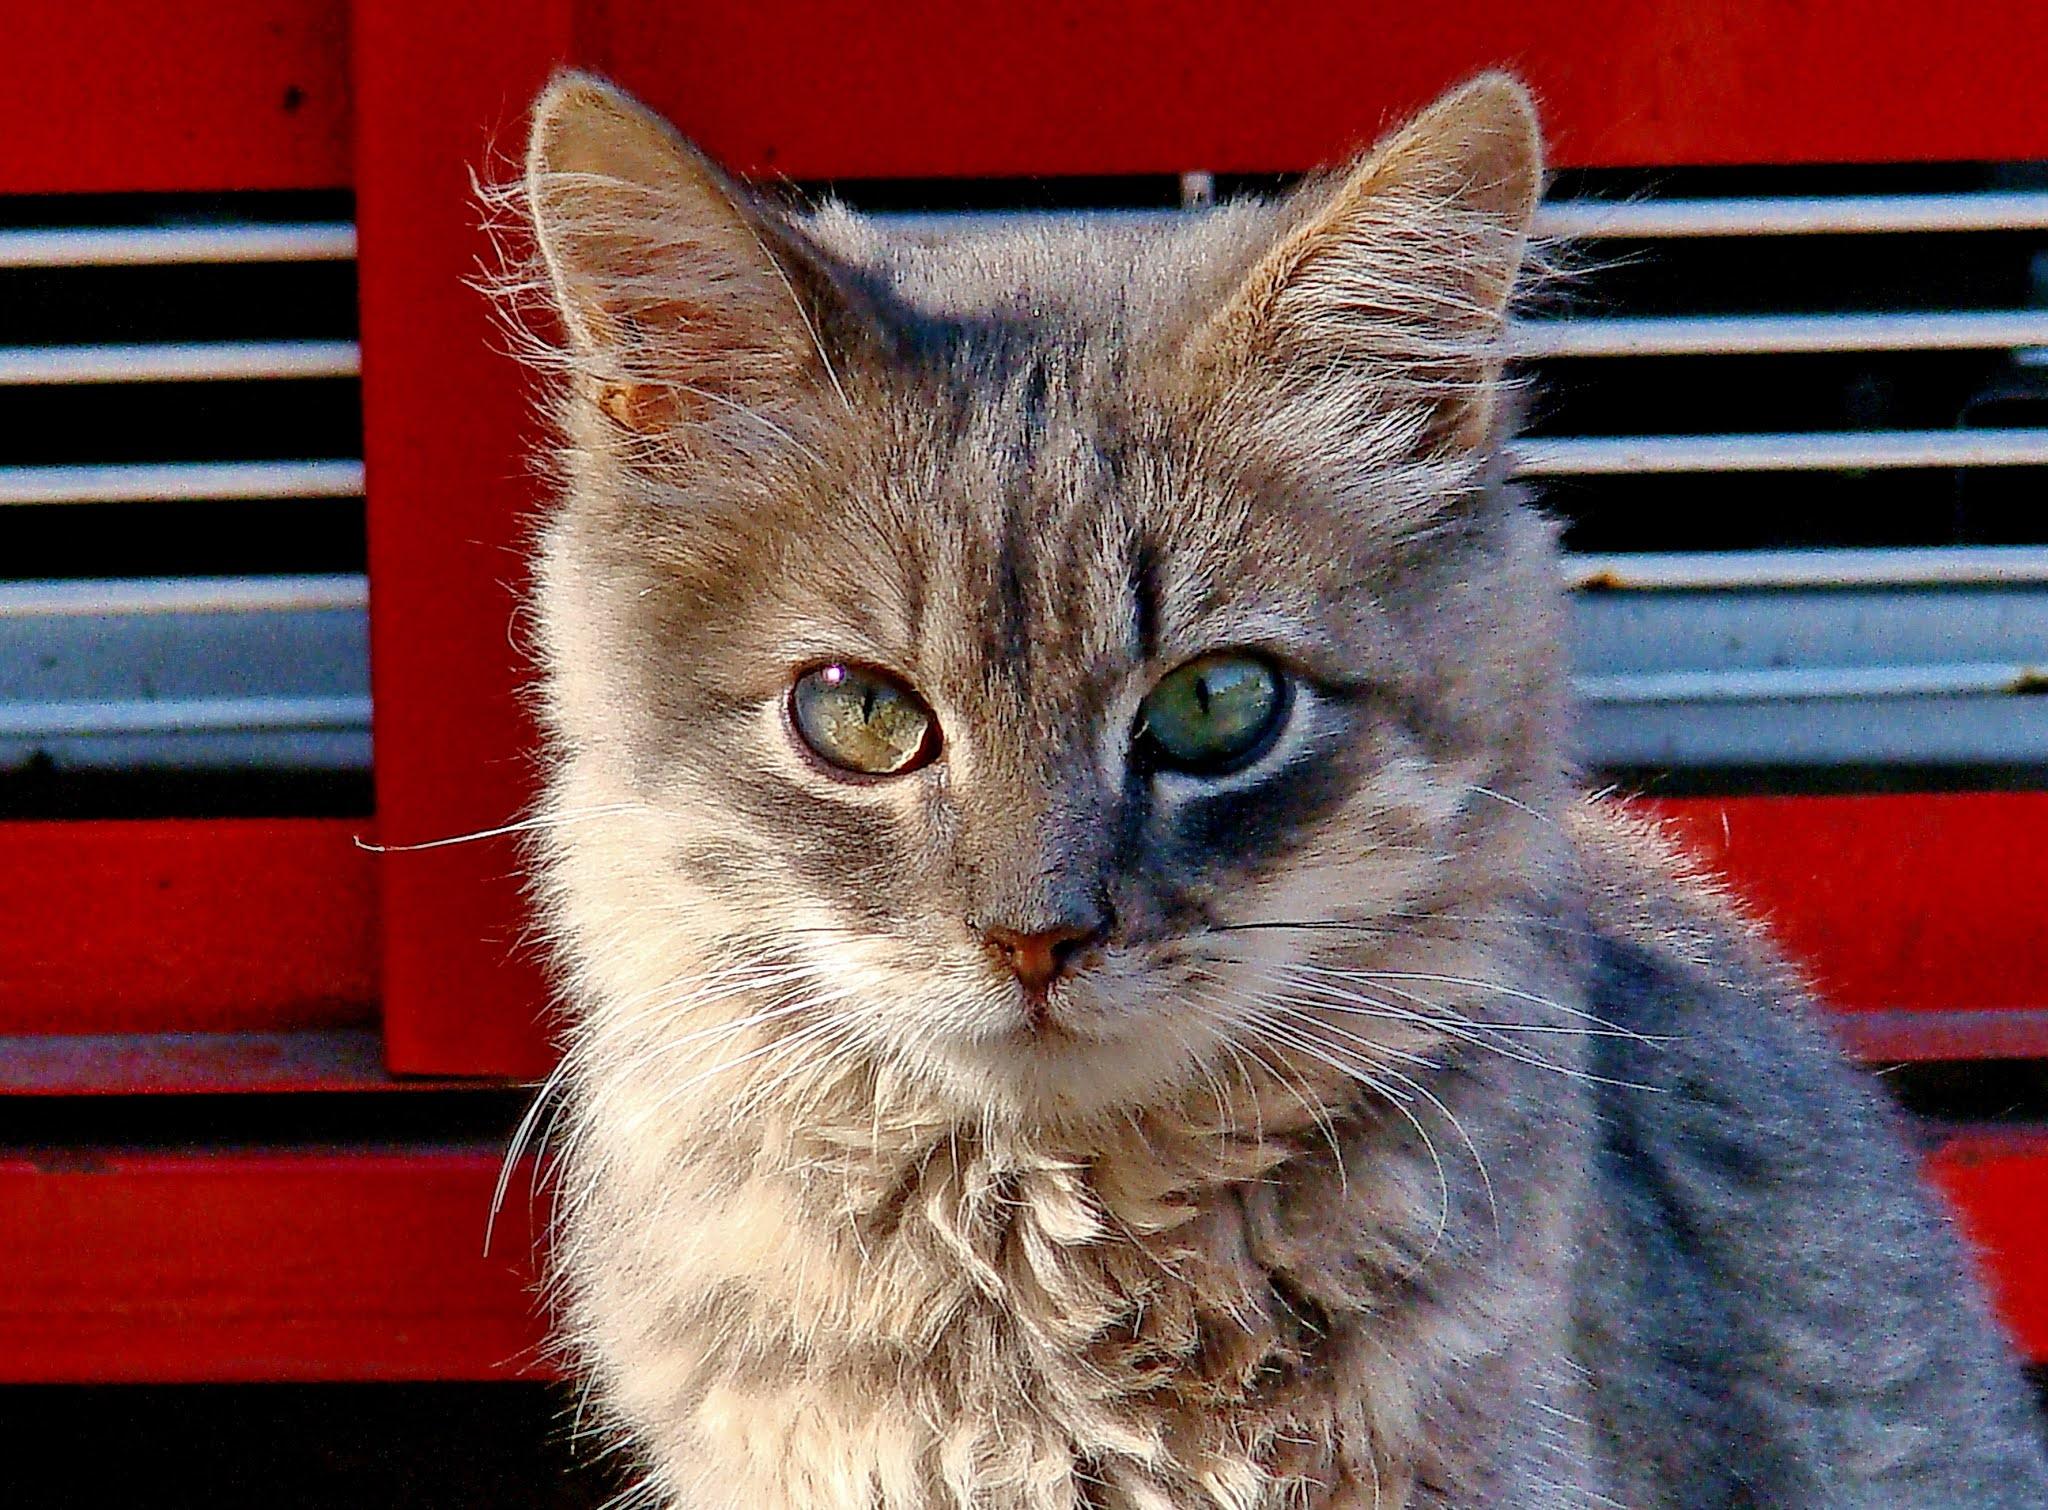 Good Cat or Bad Cat?